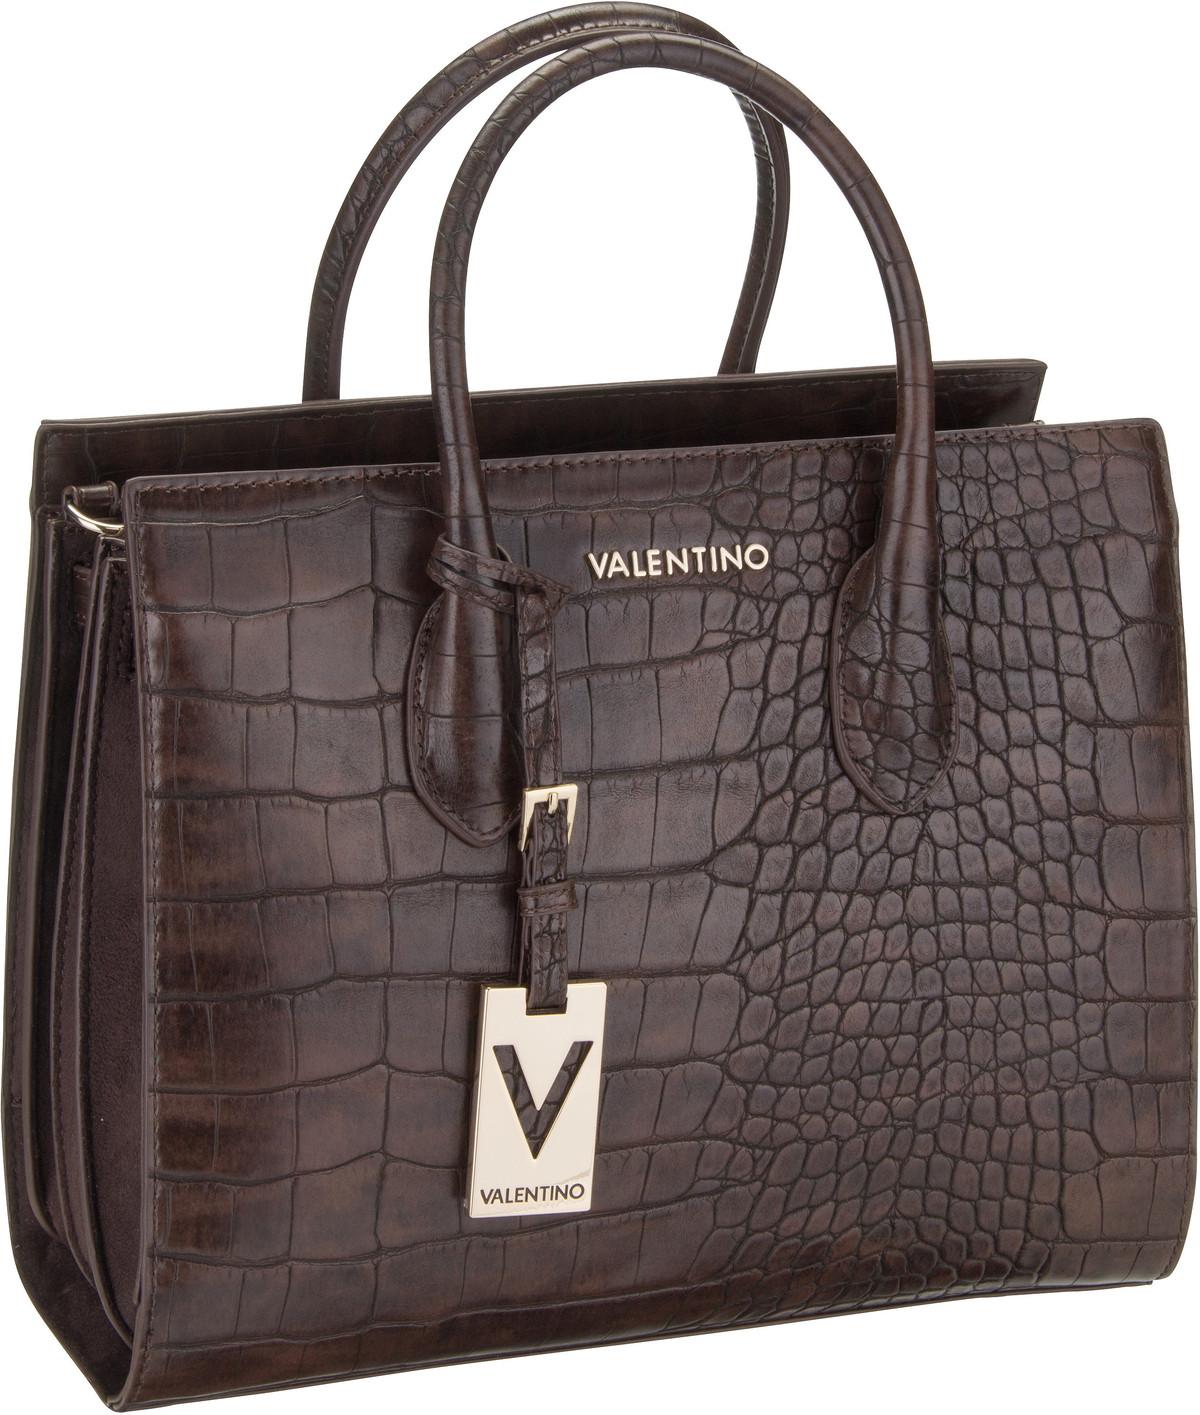 Bags Handtasche Winter Memento Shopping L01 Caffe